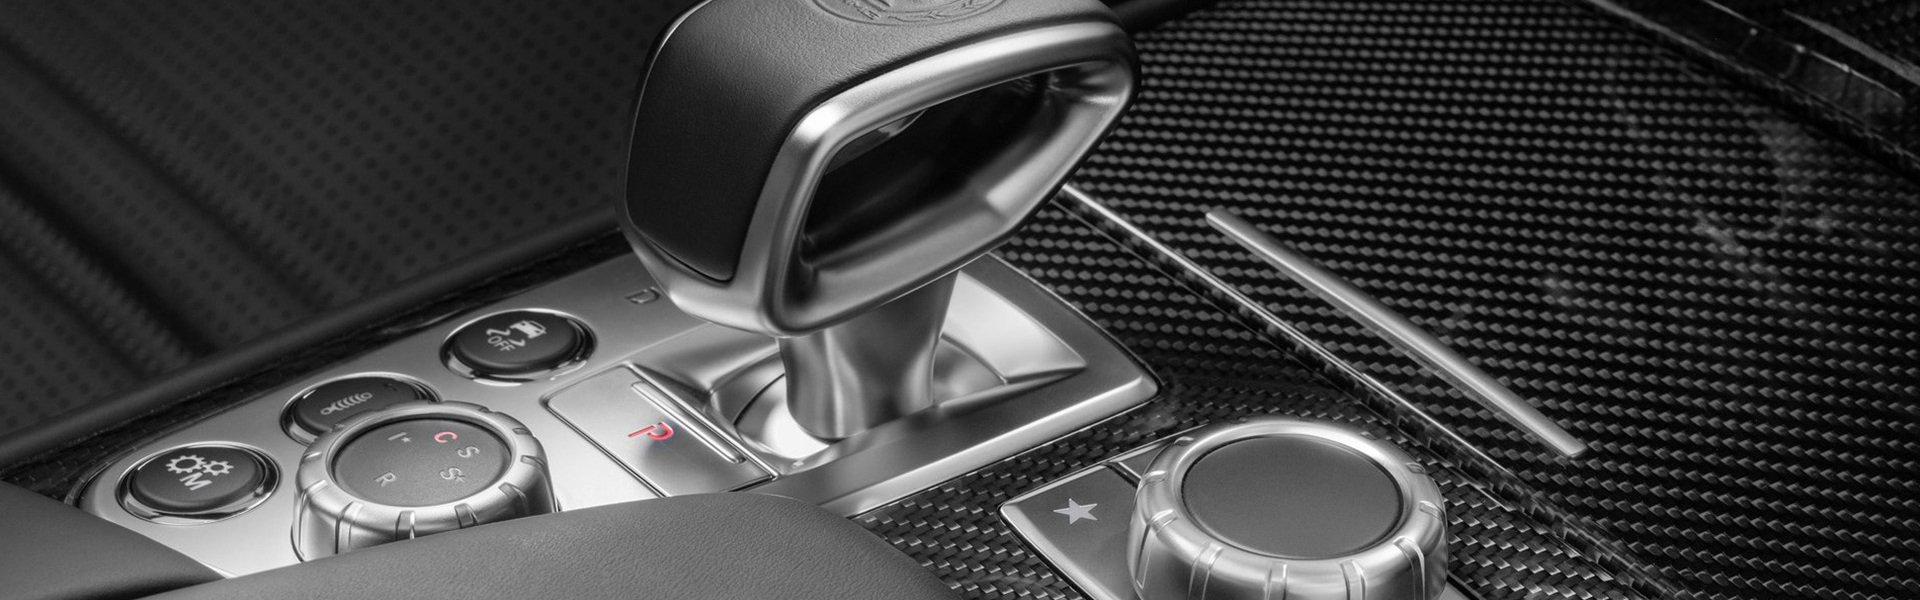 Mercedes-AMG SL родстер